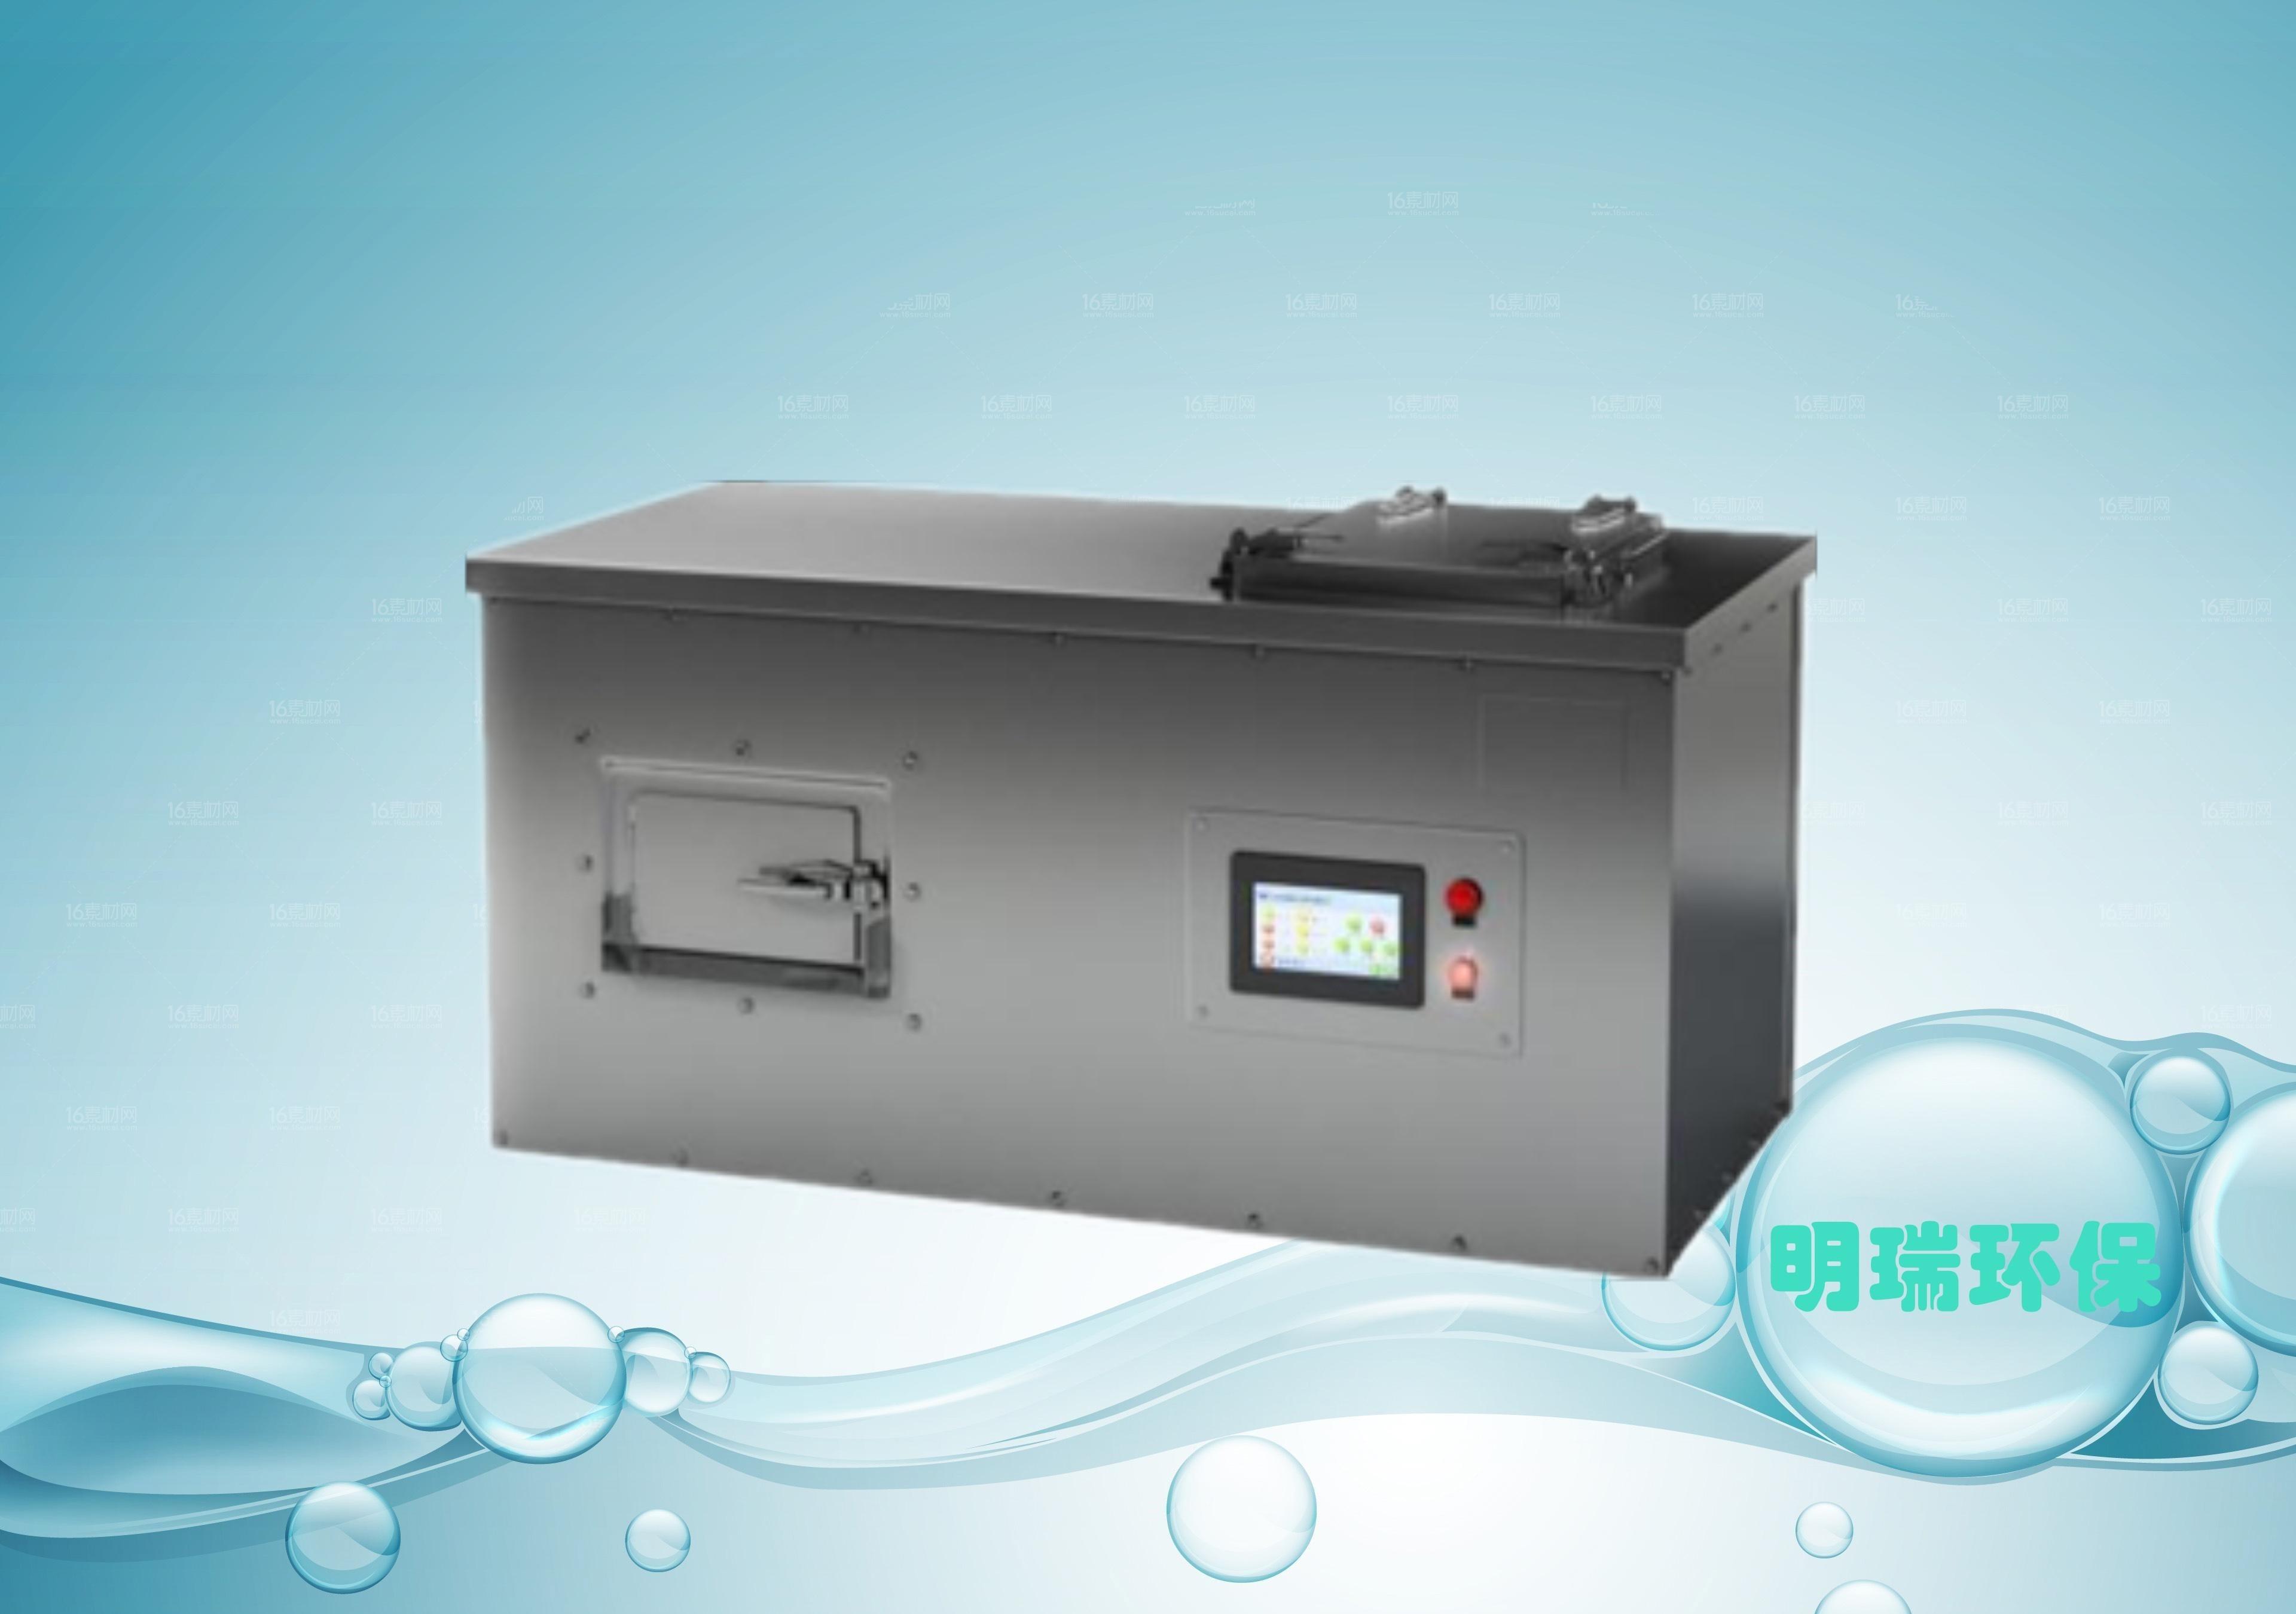 节能环保绿色节能减排厨余垃圾处理机